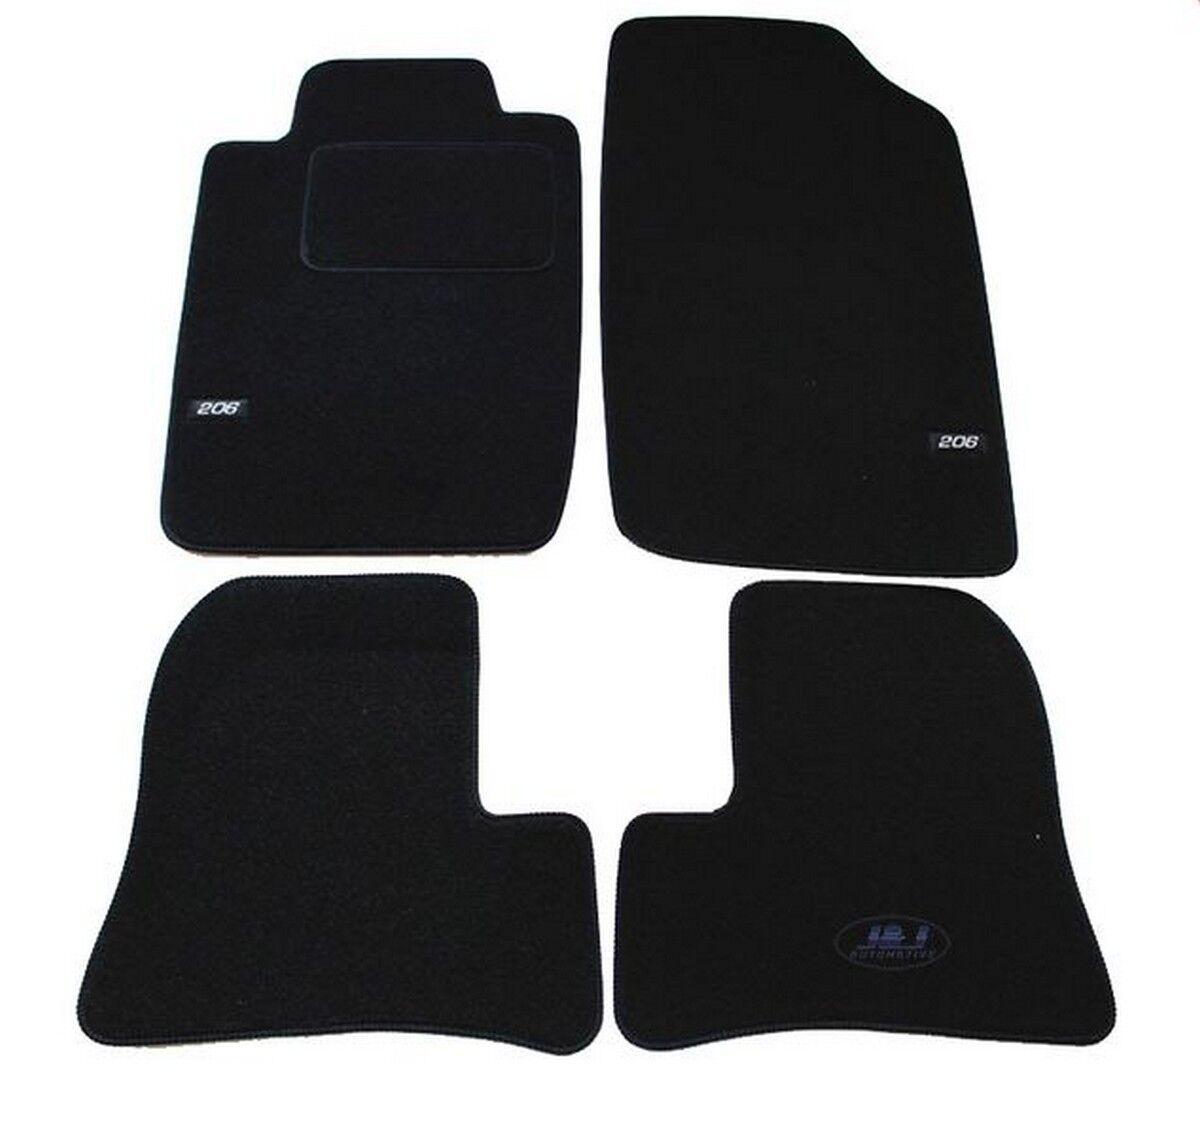 logo tapis de sol noir velours sur mesure pour peugeot 206 206 1998 2005 ebay. Black Bedroom Furniture Sets. Home Design Ideas